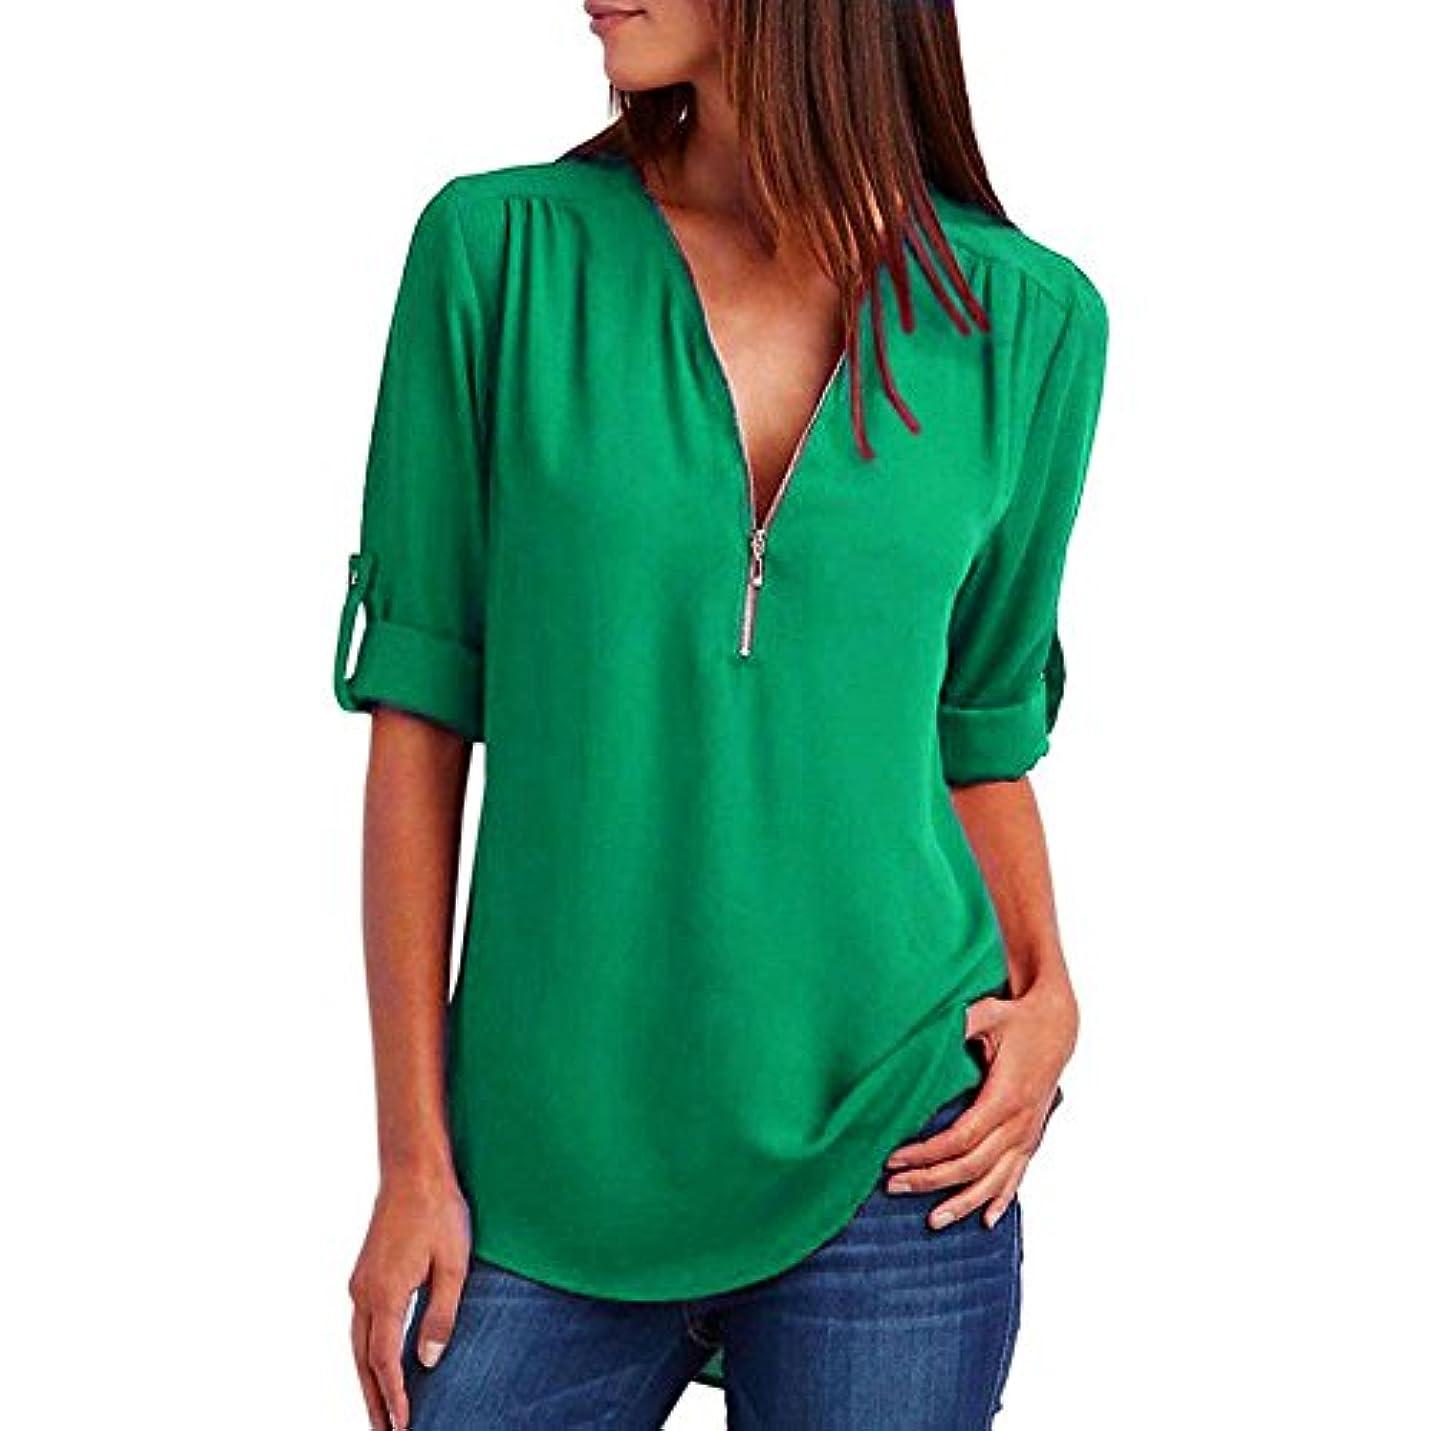 脅迫最少無人2018人気 Tシャツ レディース トップス Timsa 春夏の新番 長袖Tシャツ Vネック ジップアップ T-shirt ブラウス シフォンシャツ ティーシャツ 女性 カットソー 上着 通勤 通学 旅行 日常 プレゼント コーディネート用